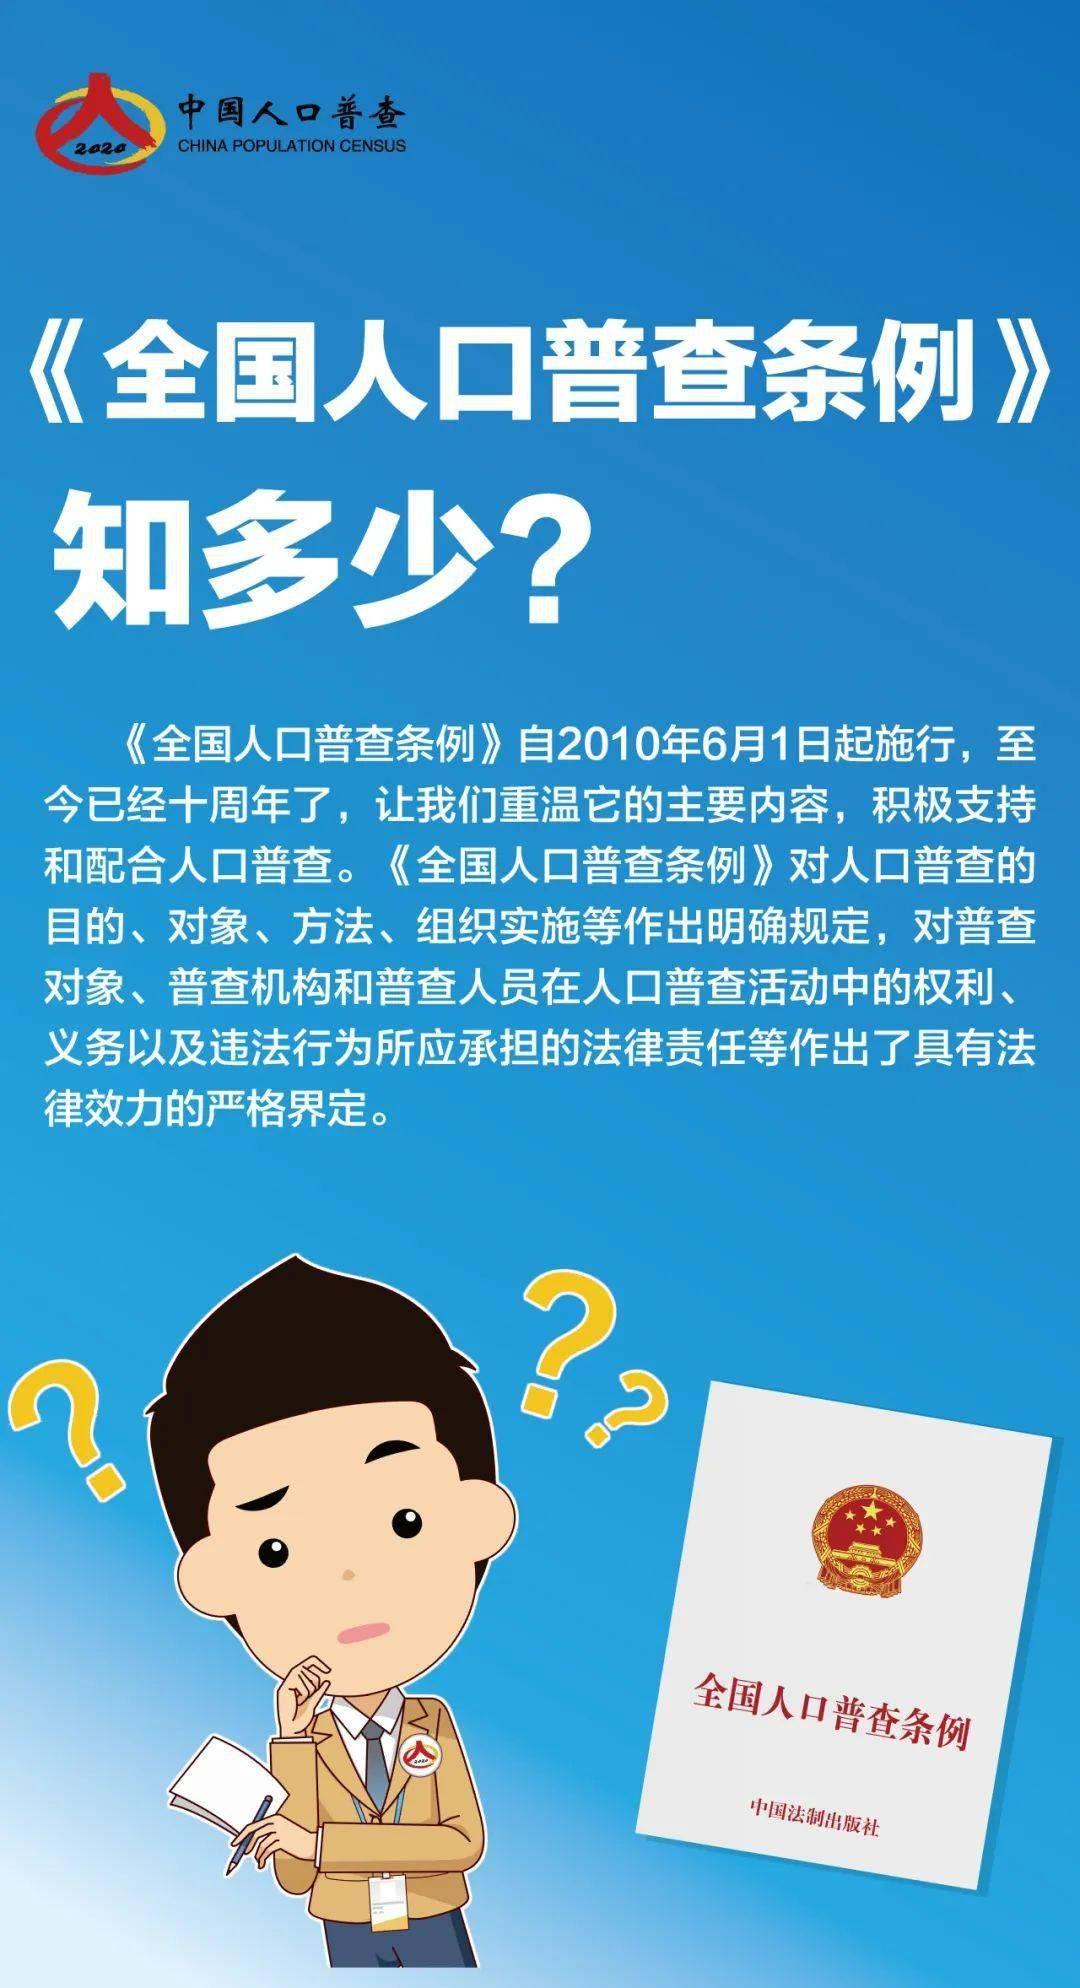 第七次人口普查如何实施_第七次人口普查(2)